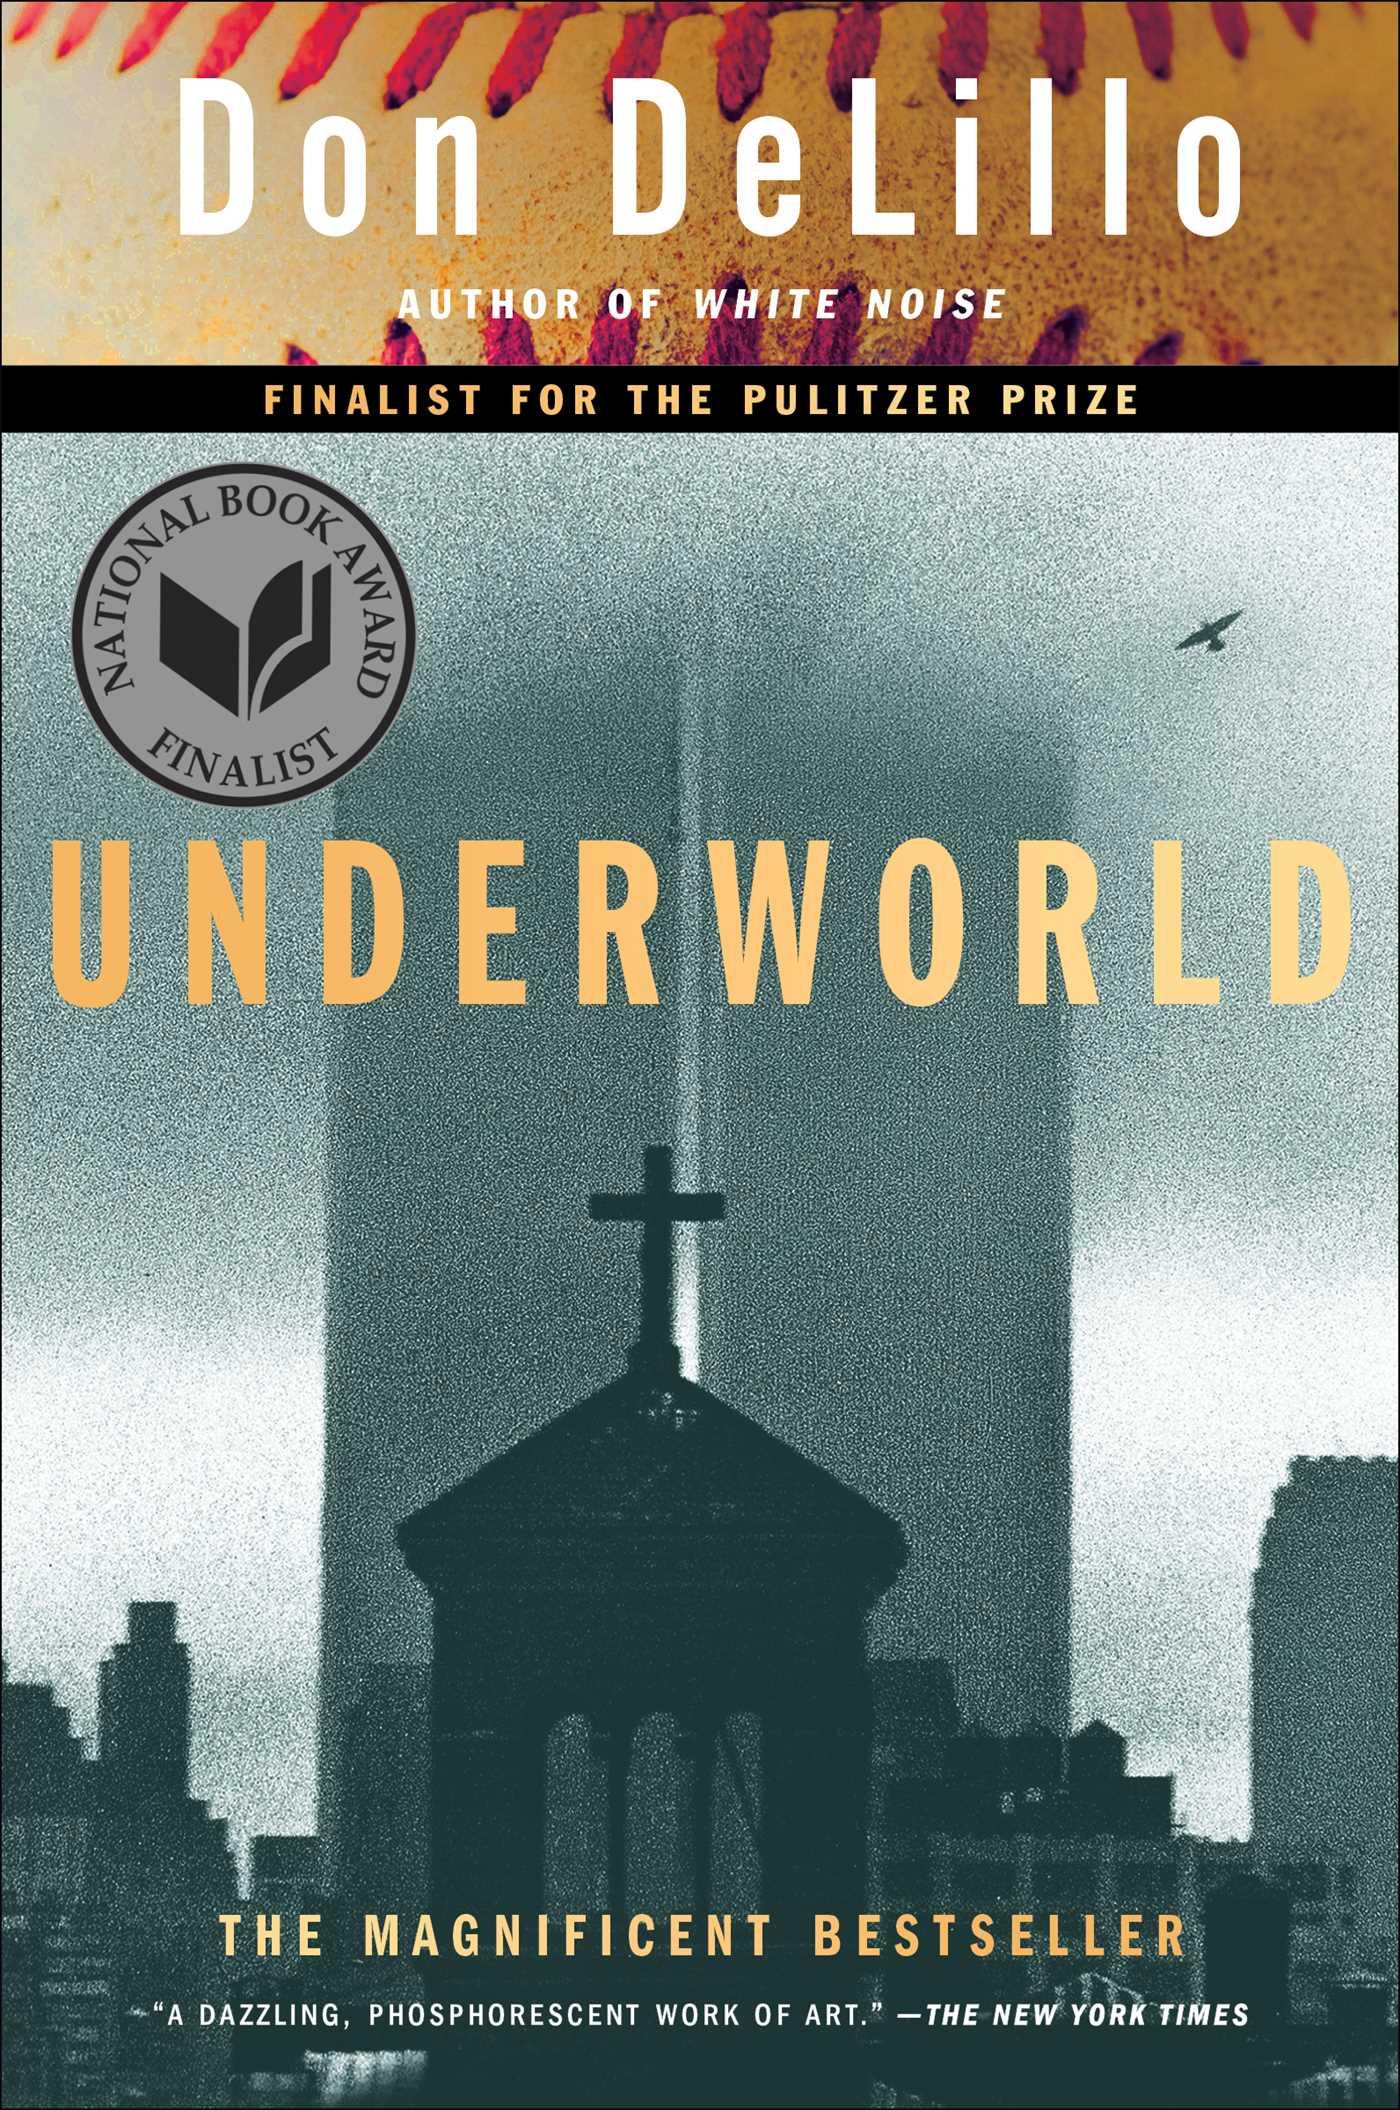 Underworld 9780684848150 hr